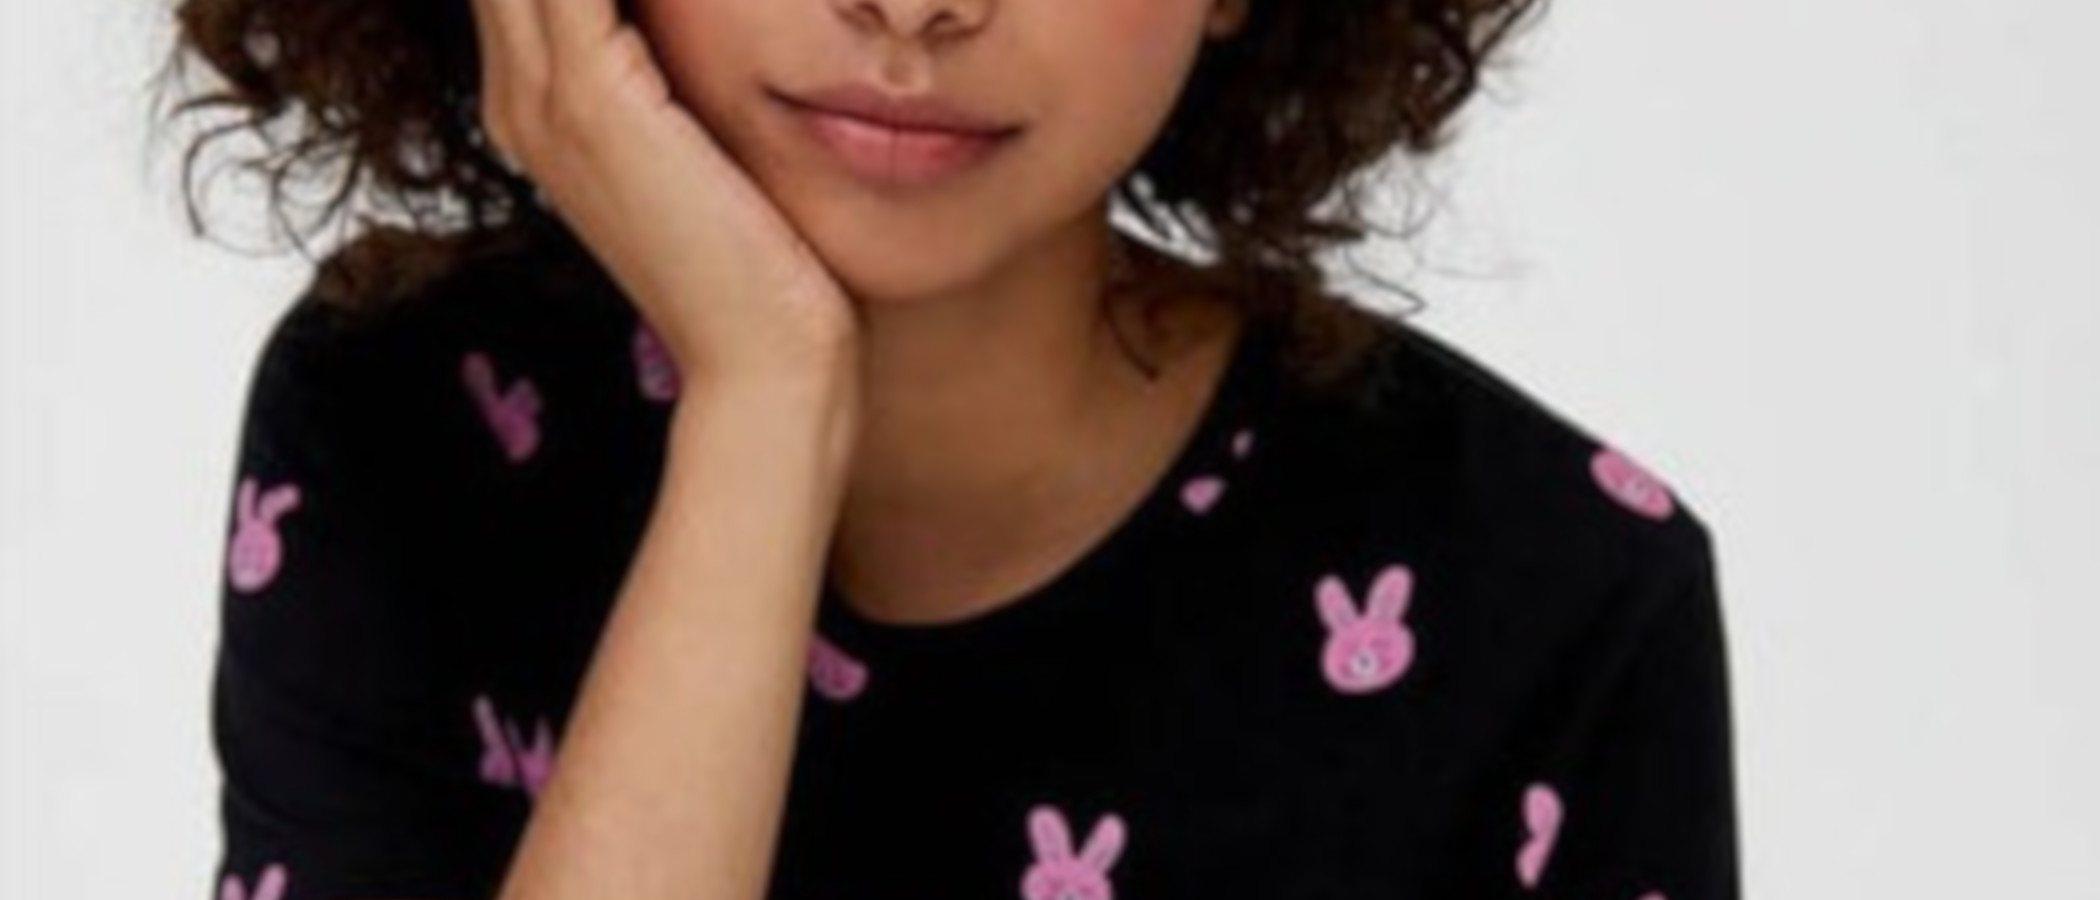 Inditex vuelve a recibir una nueva acusación de plagio a Becomely